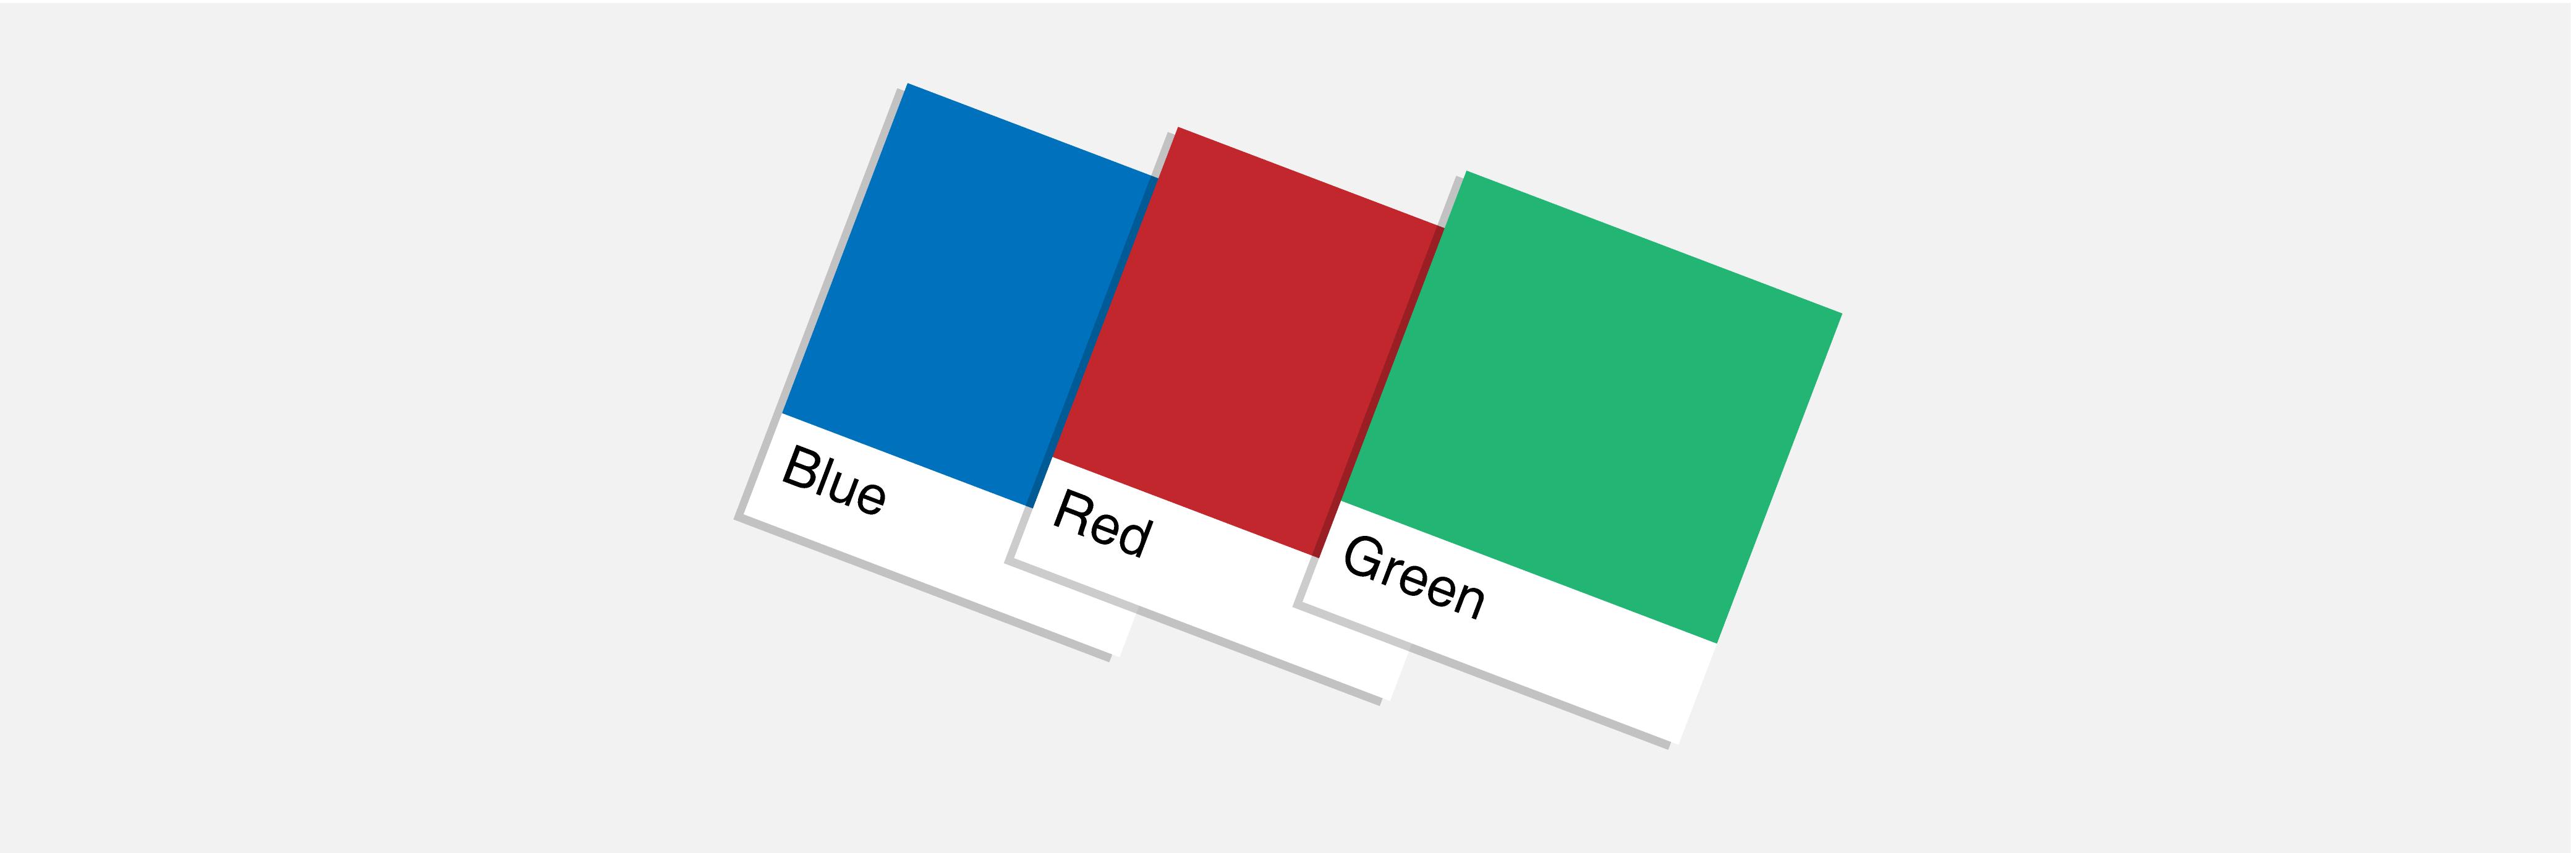 طراحی - داستان رنگ: بخش اول - چگونه رنگ مناسب پیدا کنیم؟ و یکم بیشتر